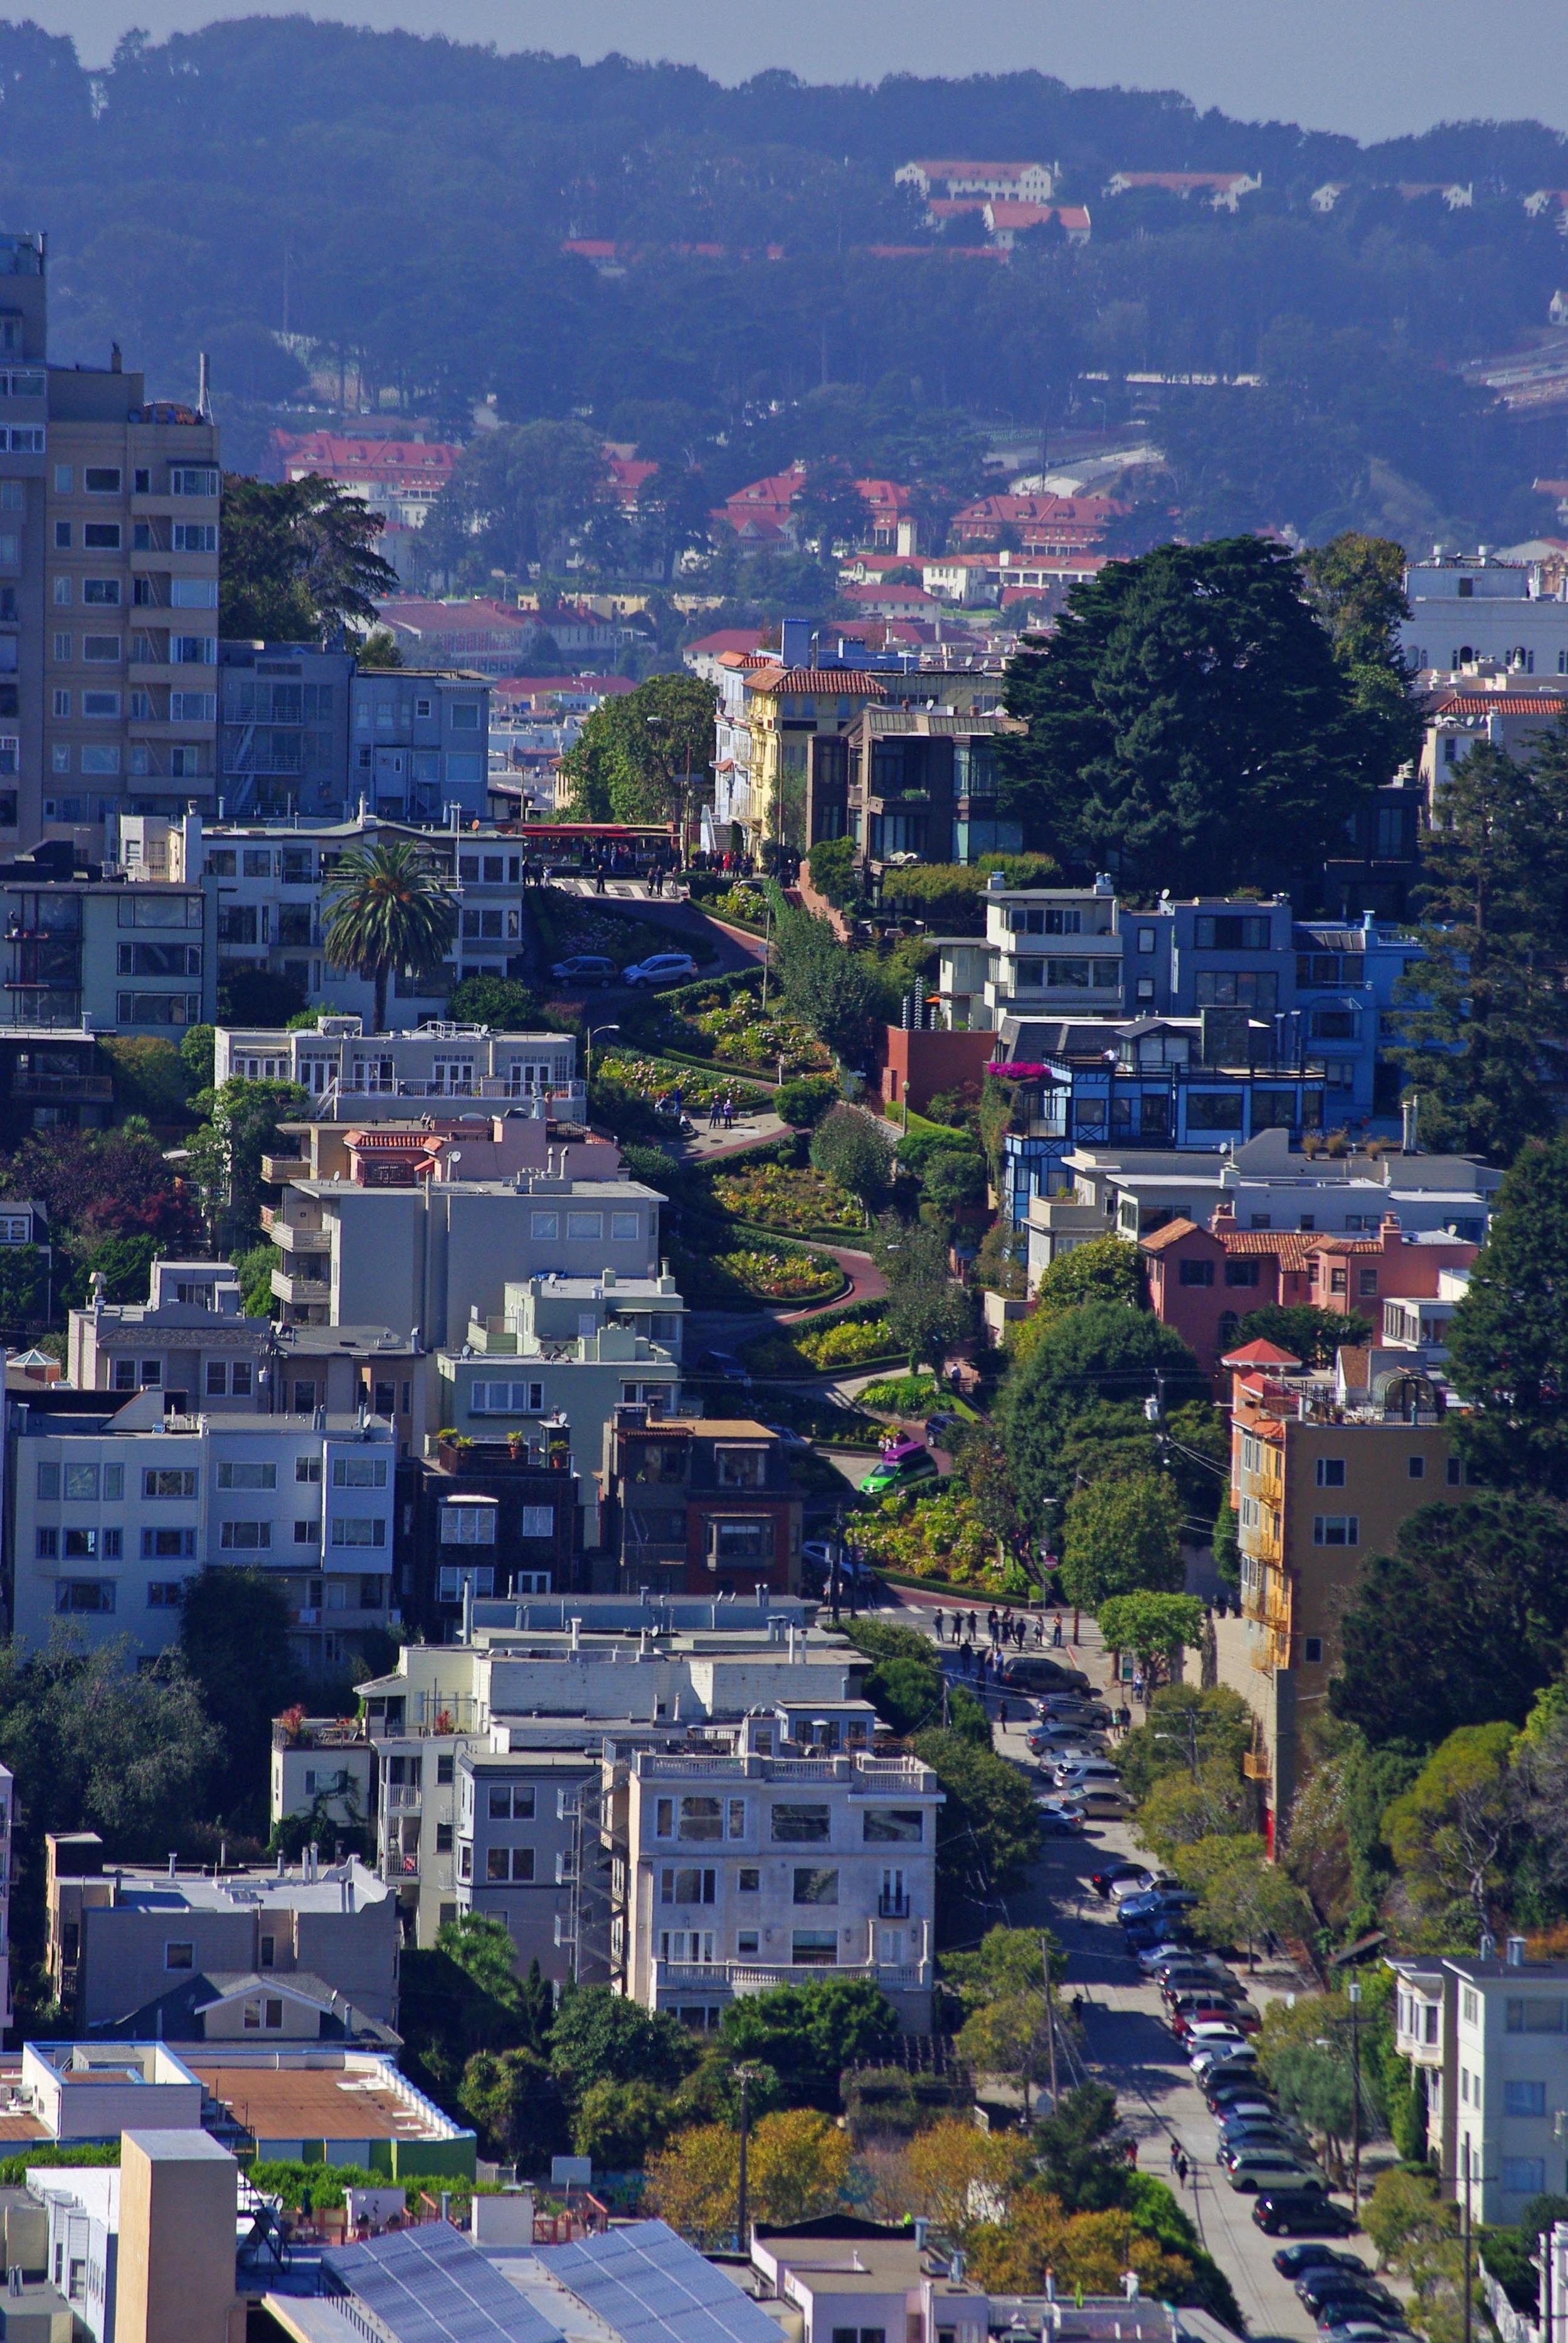 11.Zigzag down Lombard street